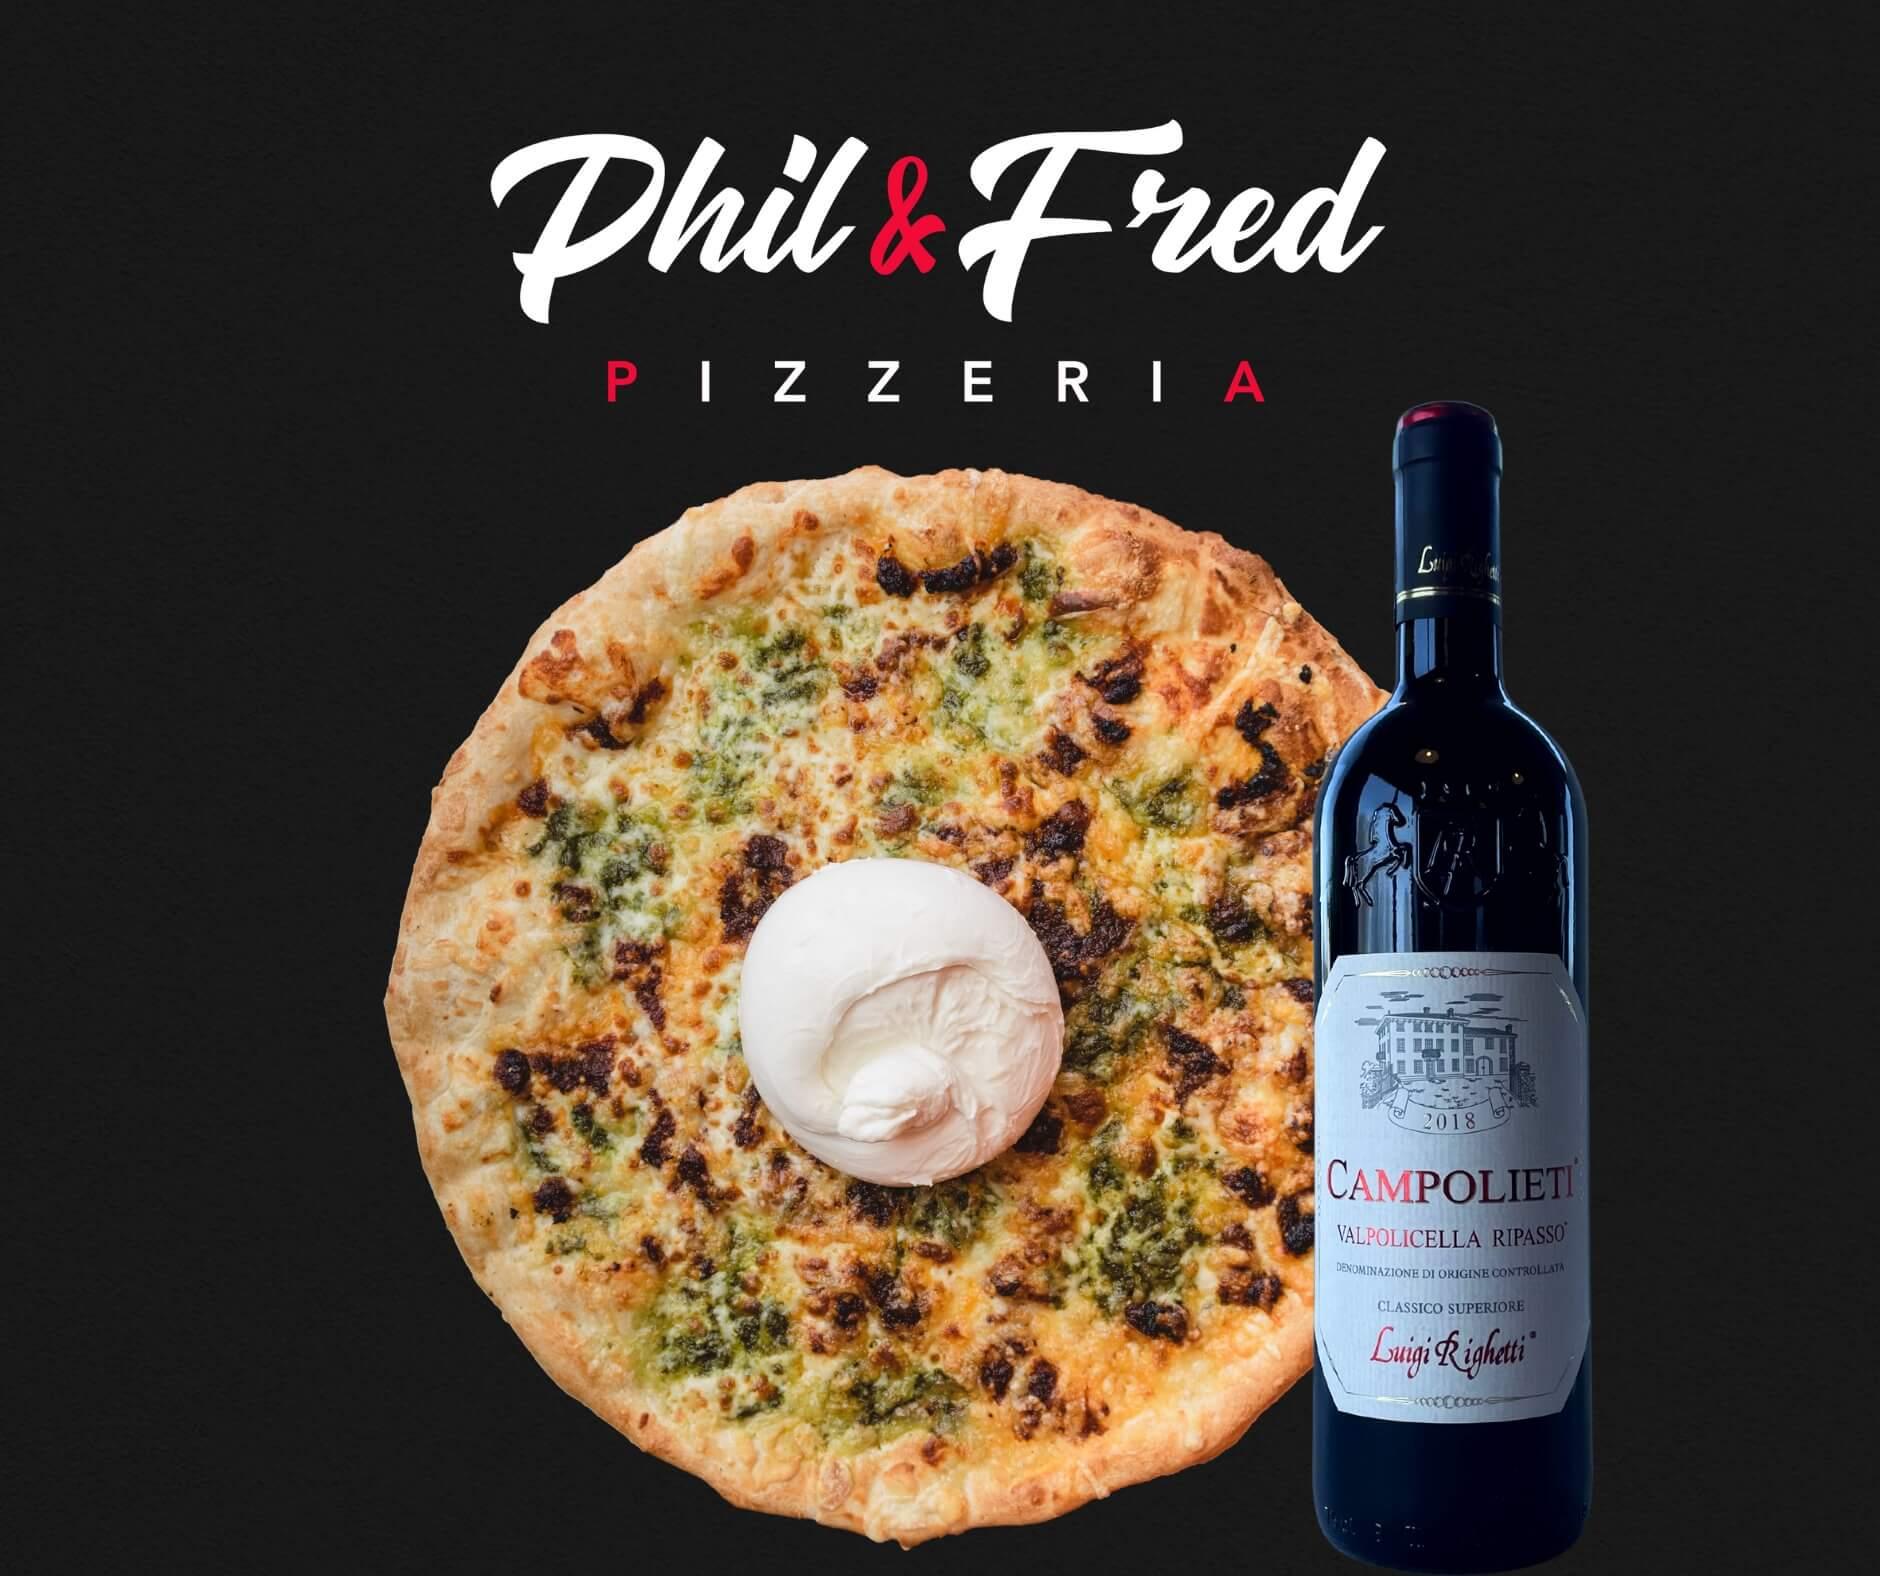 La pizza Burrata & Pesto avec le vin rouge Campolieti Ripasso